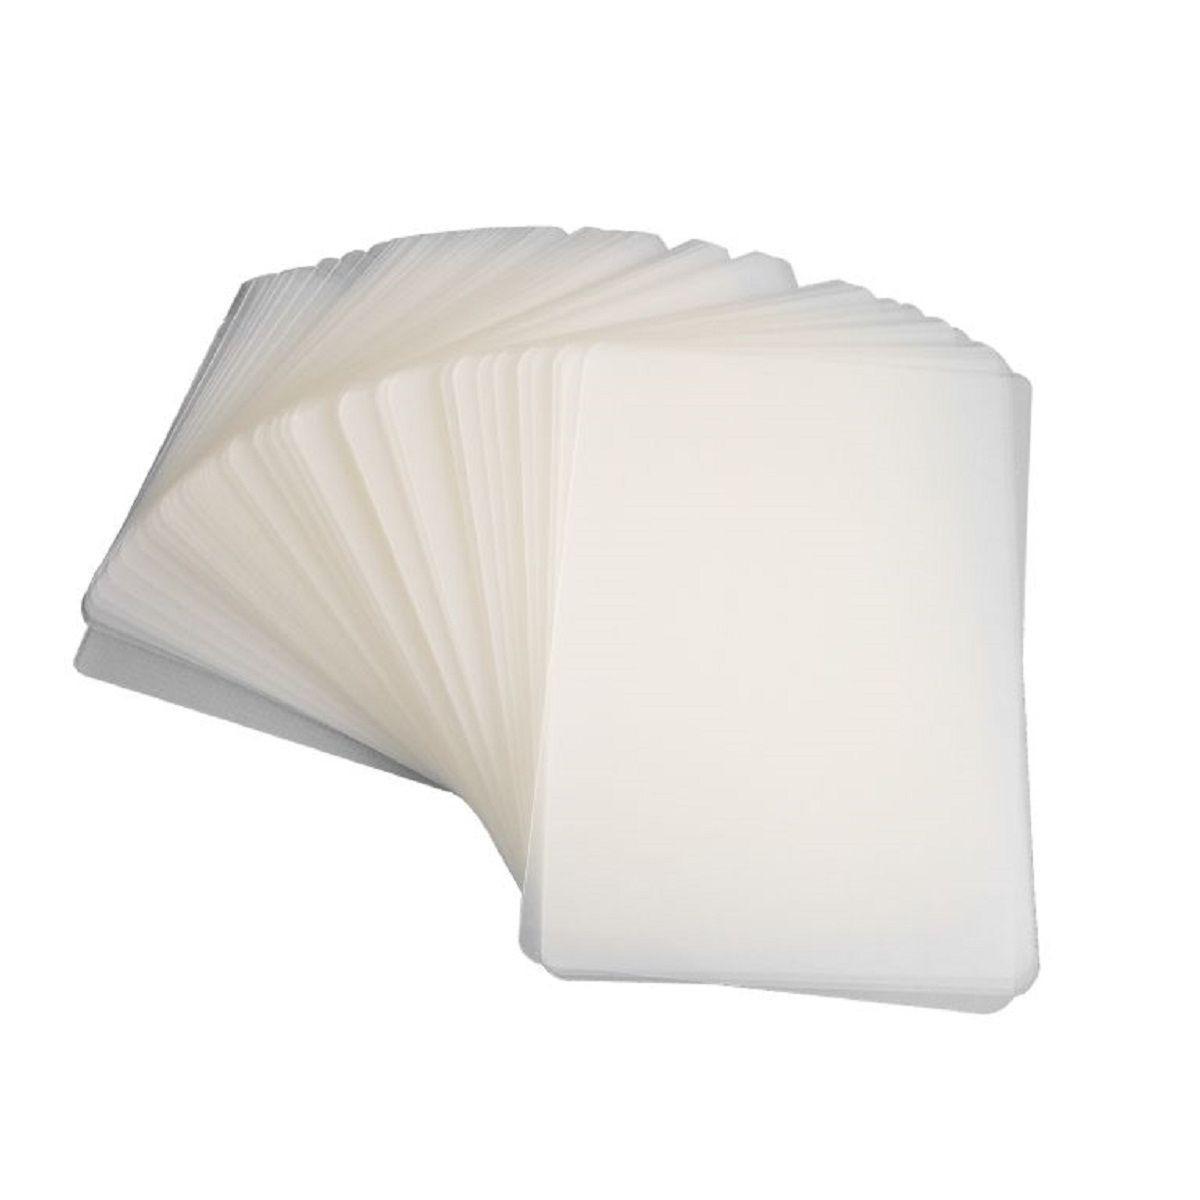 Polaseal para Plastificação A4 220x307x0,05mm (125 micras) - Pacote com 100 unidades  - Click Suprimentos